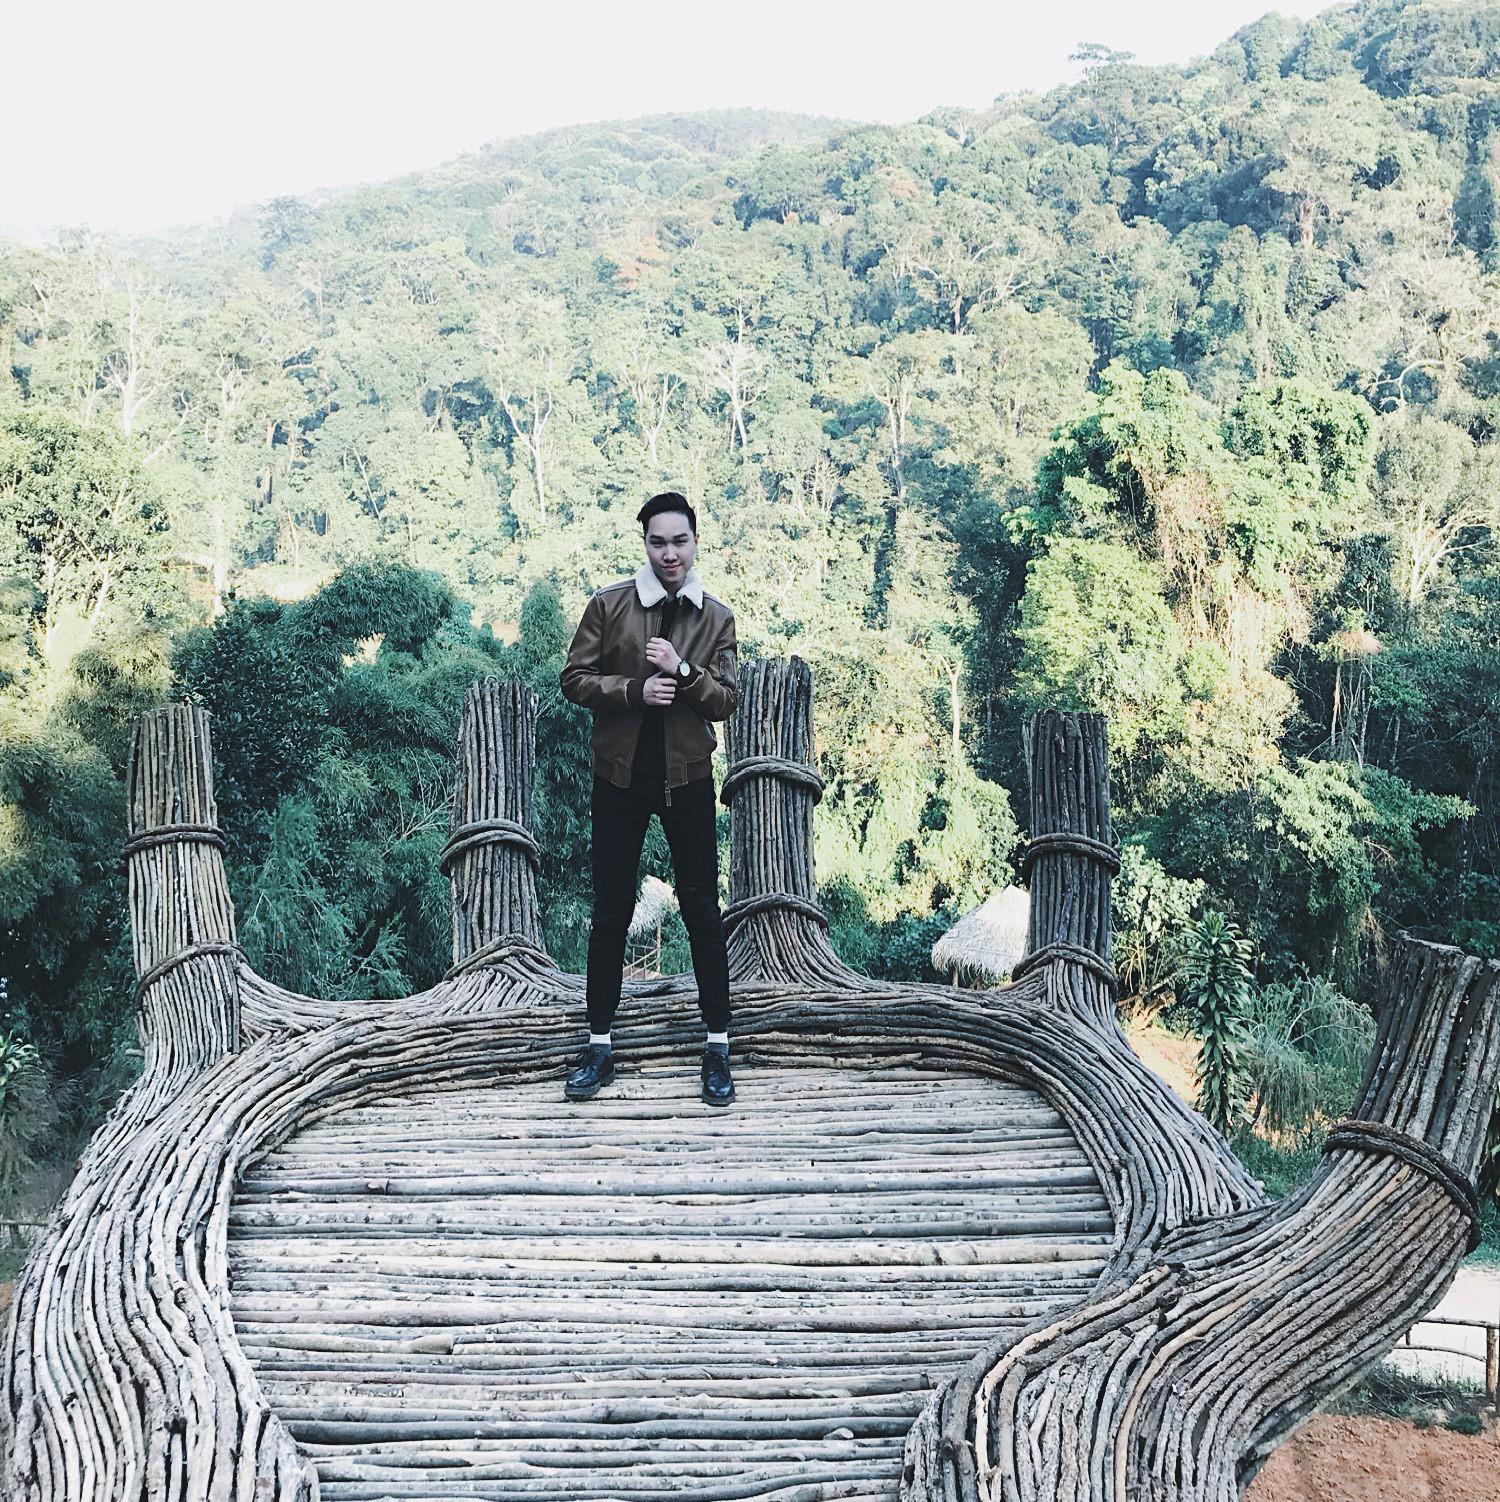 Tuyệt Tình Cốc, Hoa Điền Sơn Trang - thêm những địa điểm để lên Đà Lạt mãi cũng chả thấy chán - Ảnh 10.